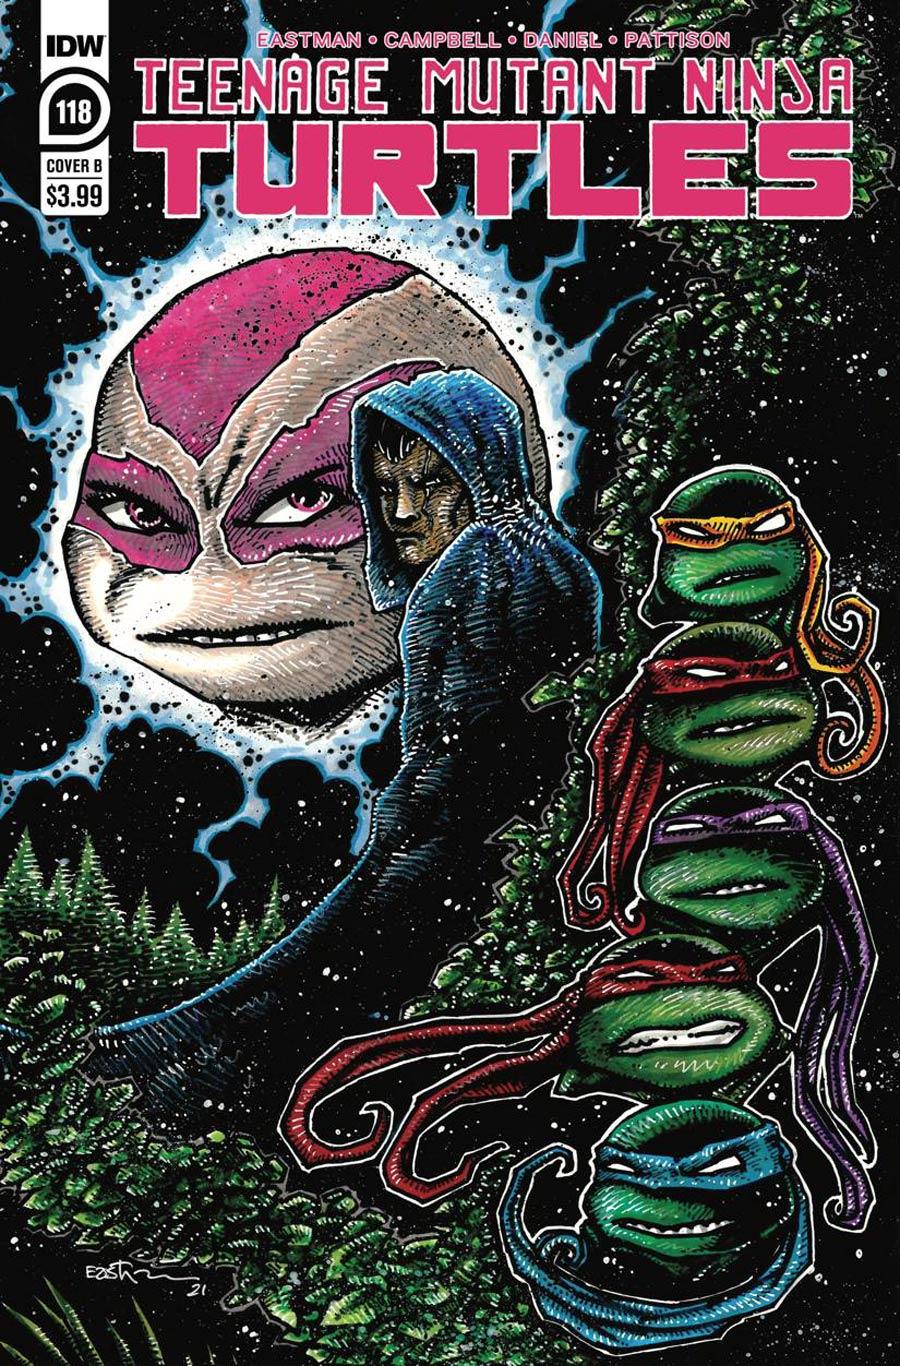 Teenage Mutant Ninja Turtles Vol 5 #118 Cover B Variant Kevin Eastman Cover